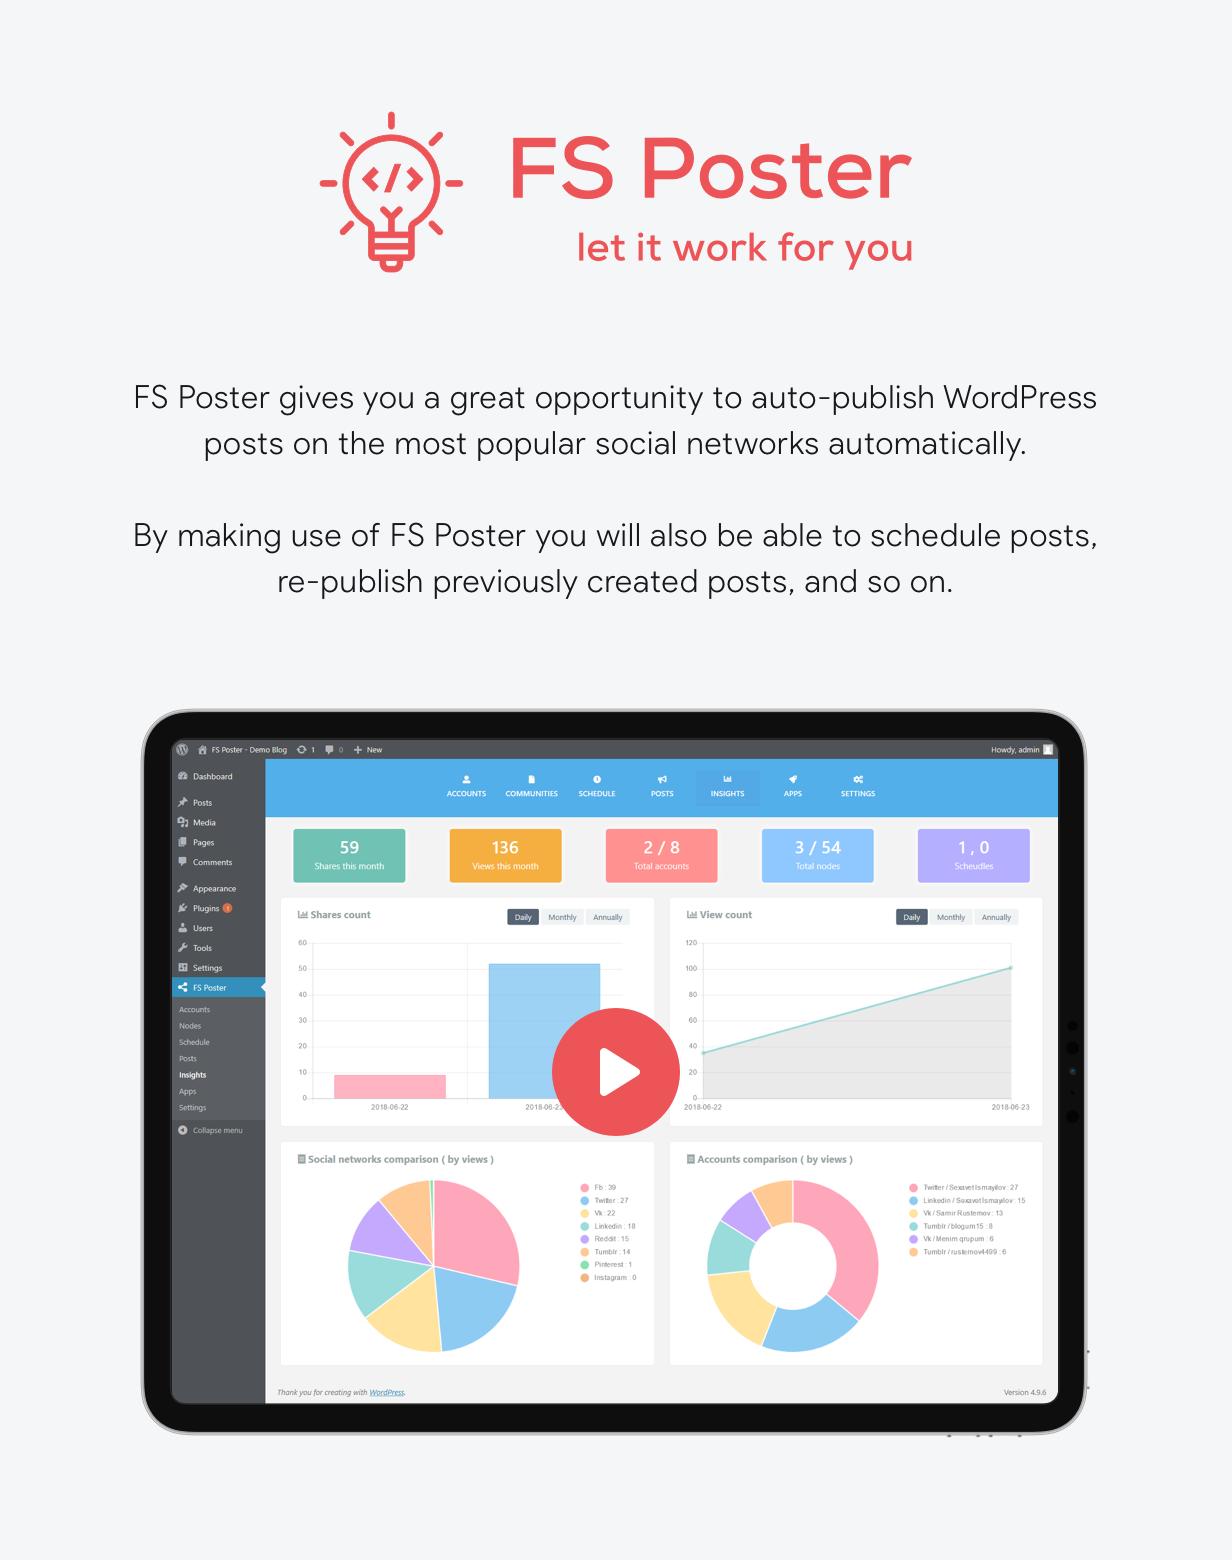 FS Poster - WordPress Auto Poster & Scheduler - 5